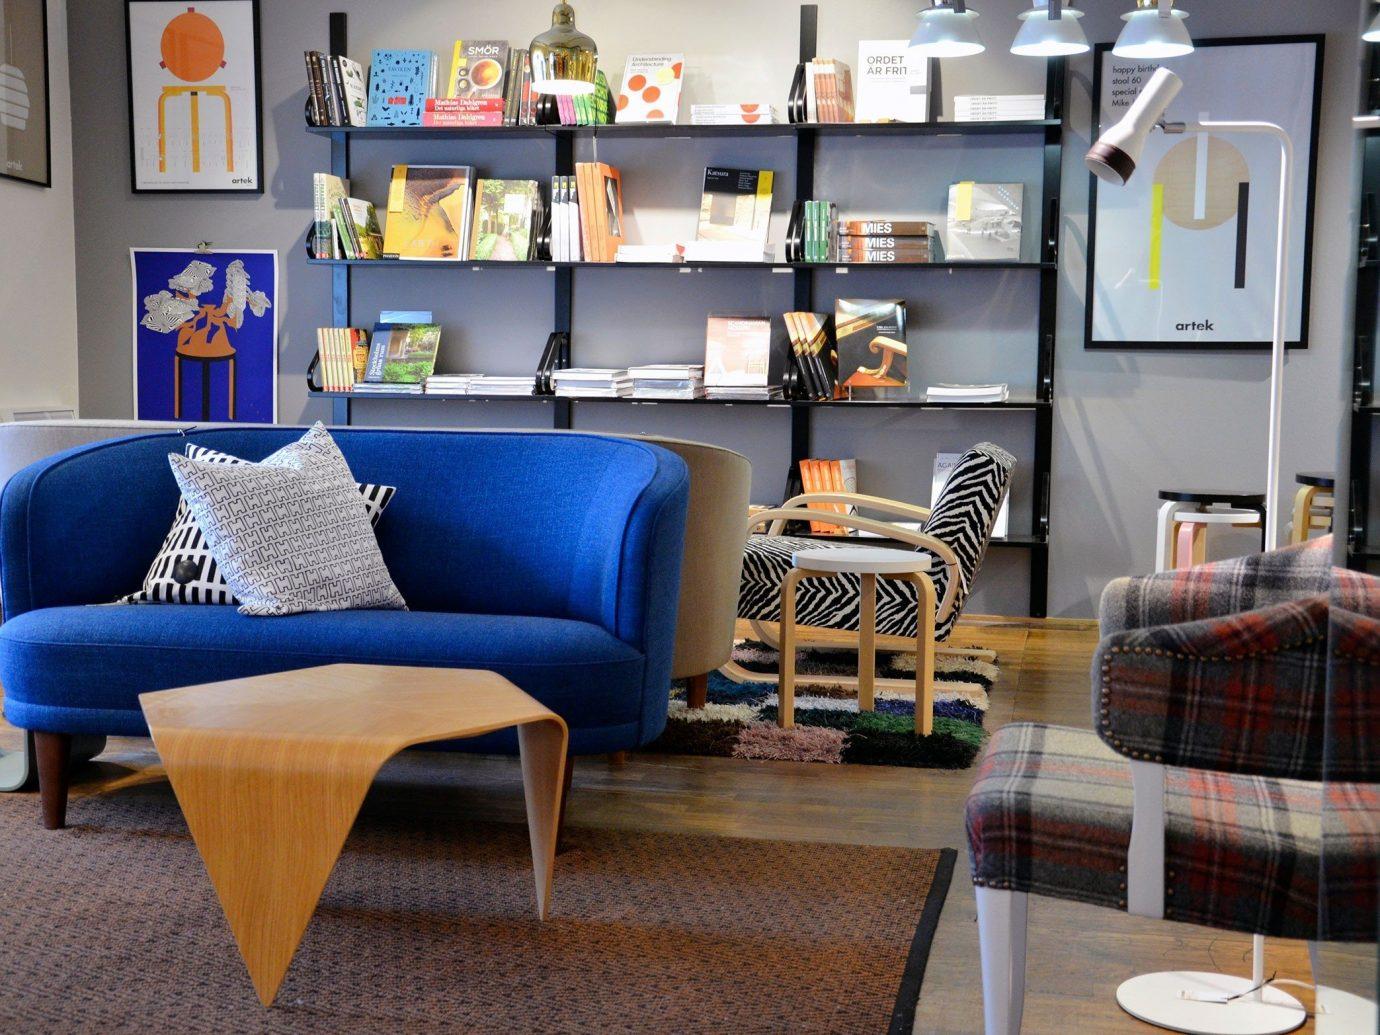 Style + Design floor living room room chair property home furniture interior design Design condominium real estate dining room estate apartment window covering